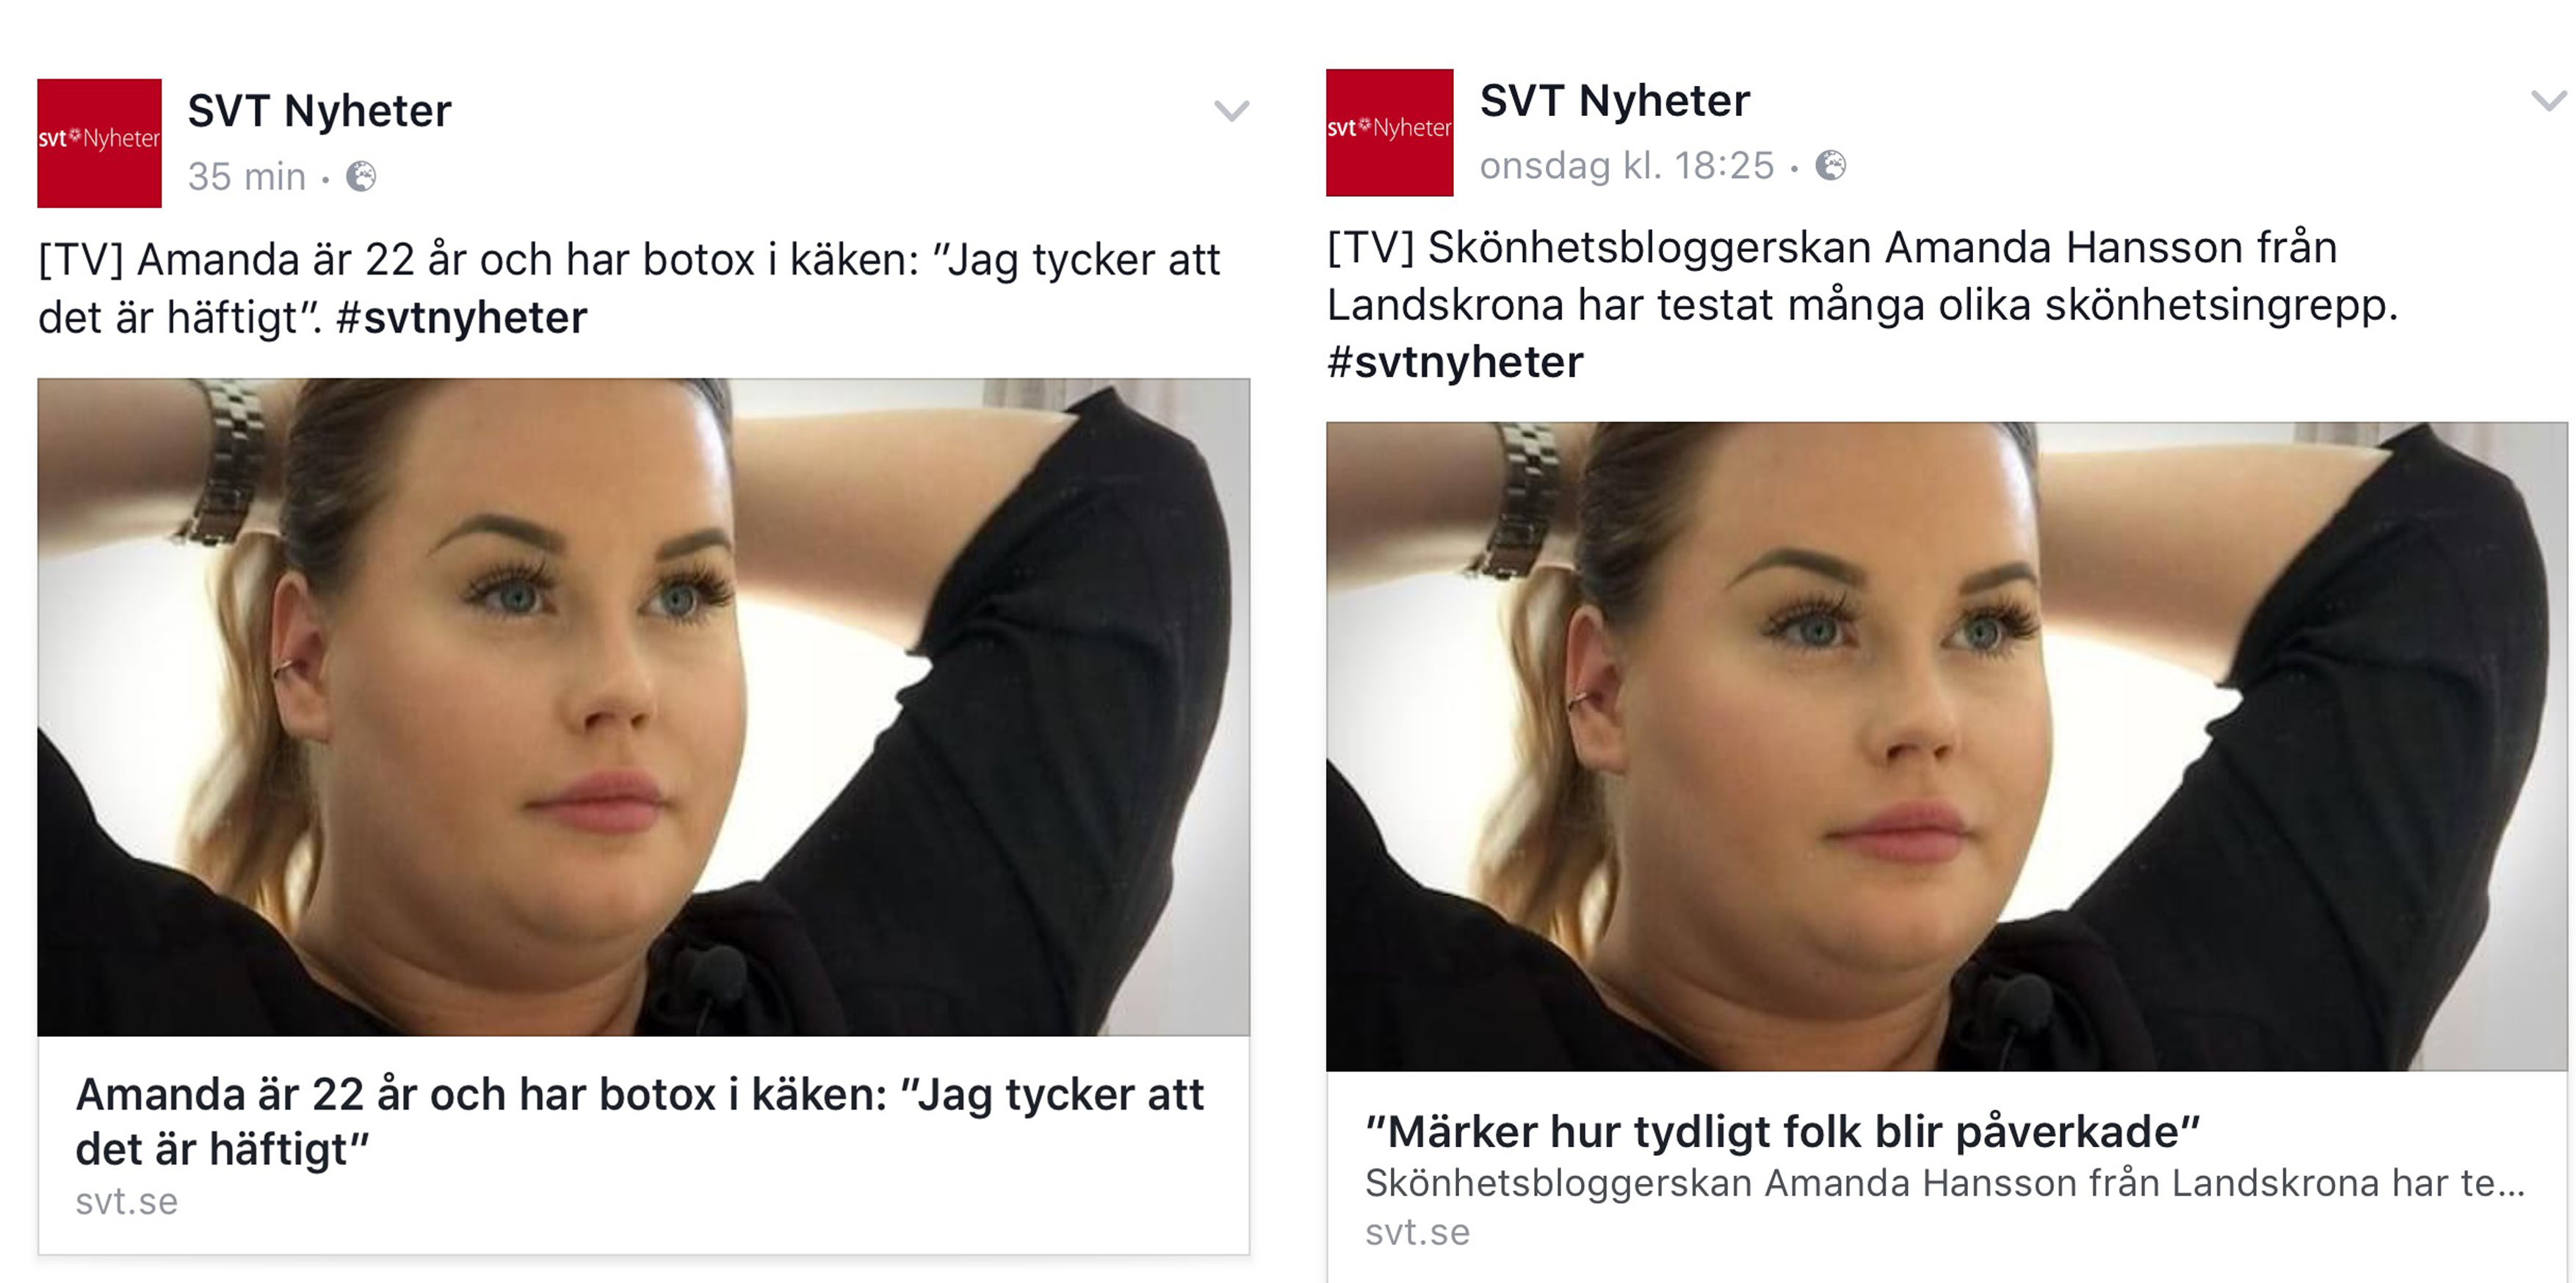 Återblick 2016, Vad jag tycker om inslaget på SVT, svt, fillersinjektion, skönhetsbehandling, botox, fillers, juvederm, restylane, stylage, skönhetsblogg, skönhetsbloggare, amandahans